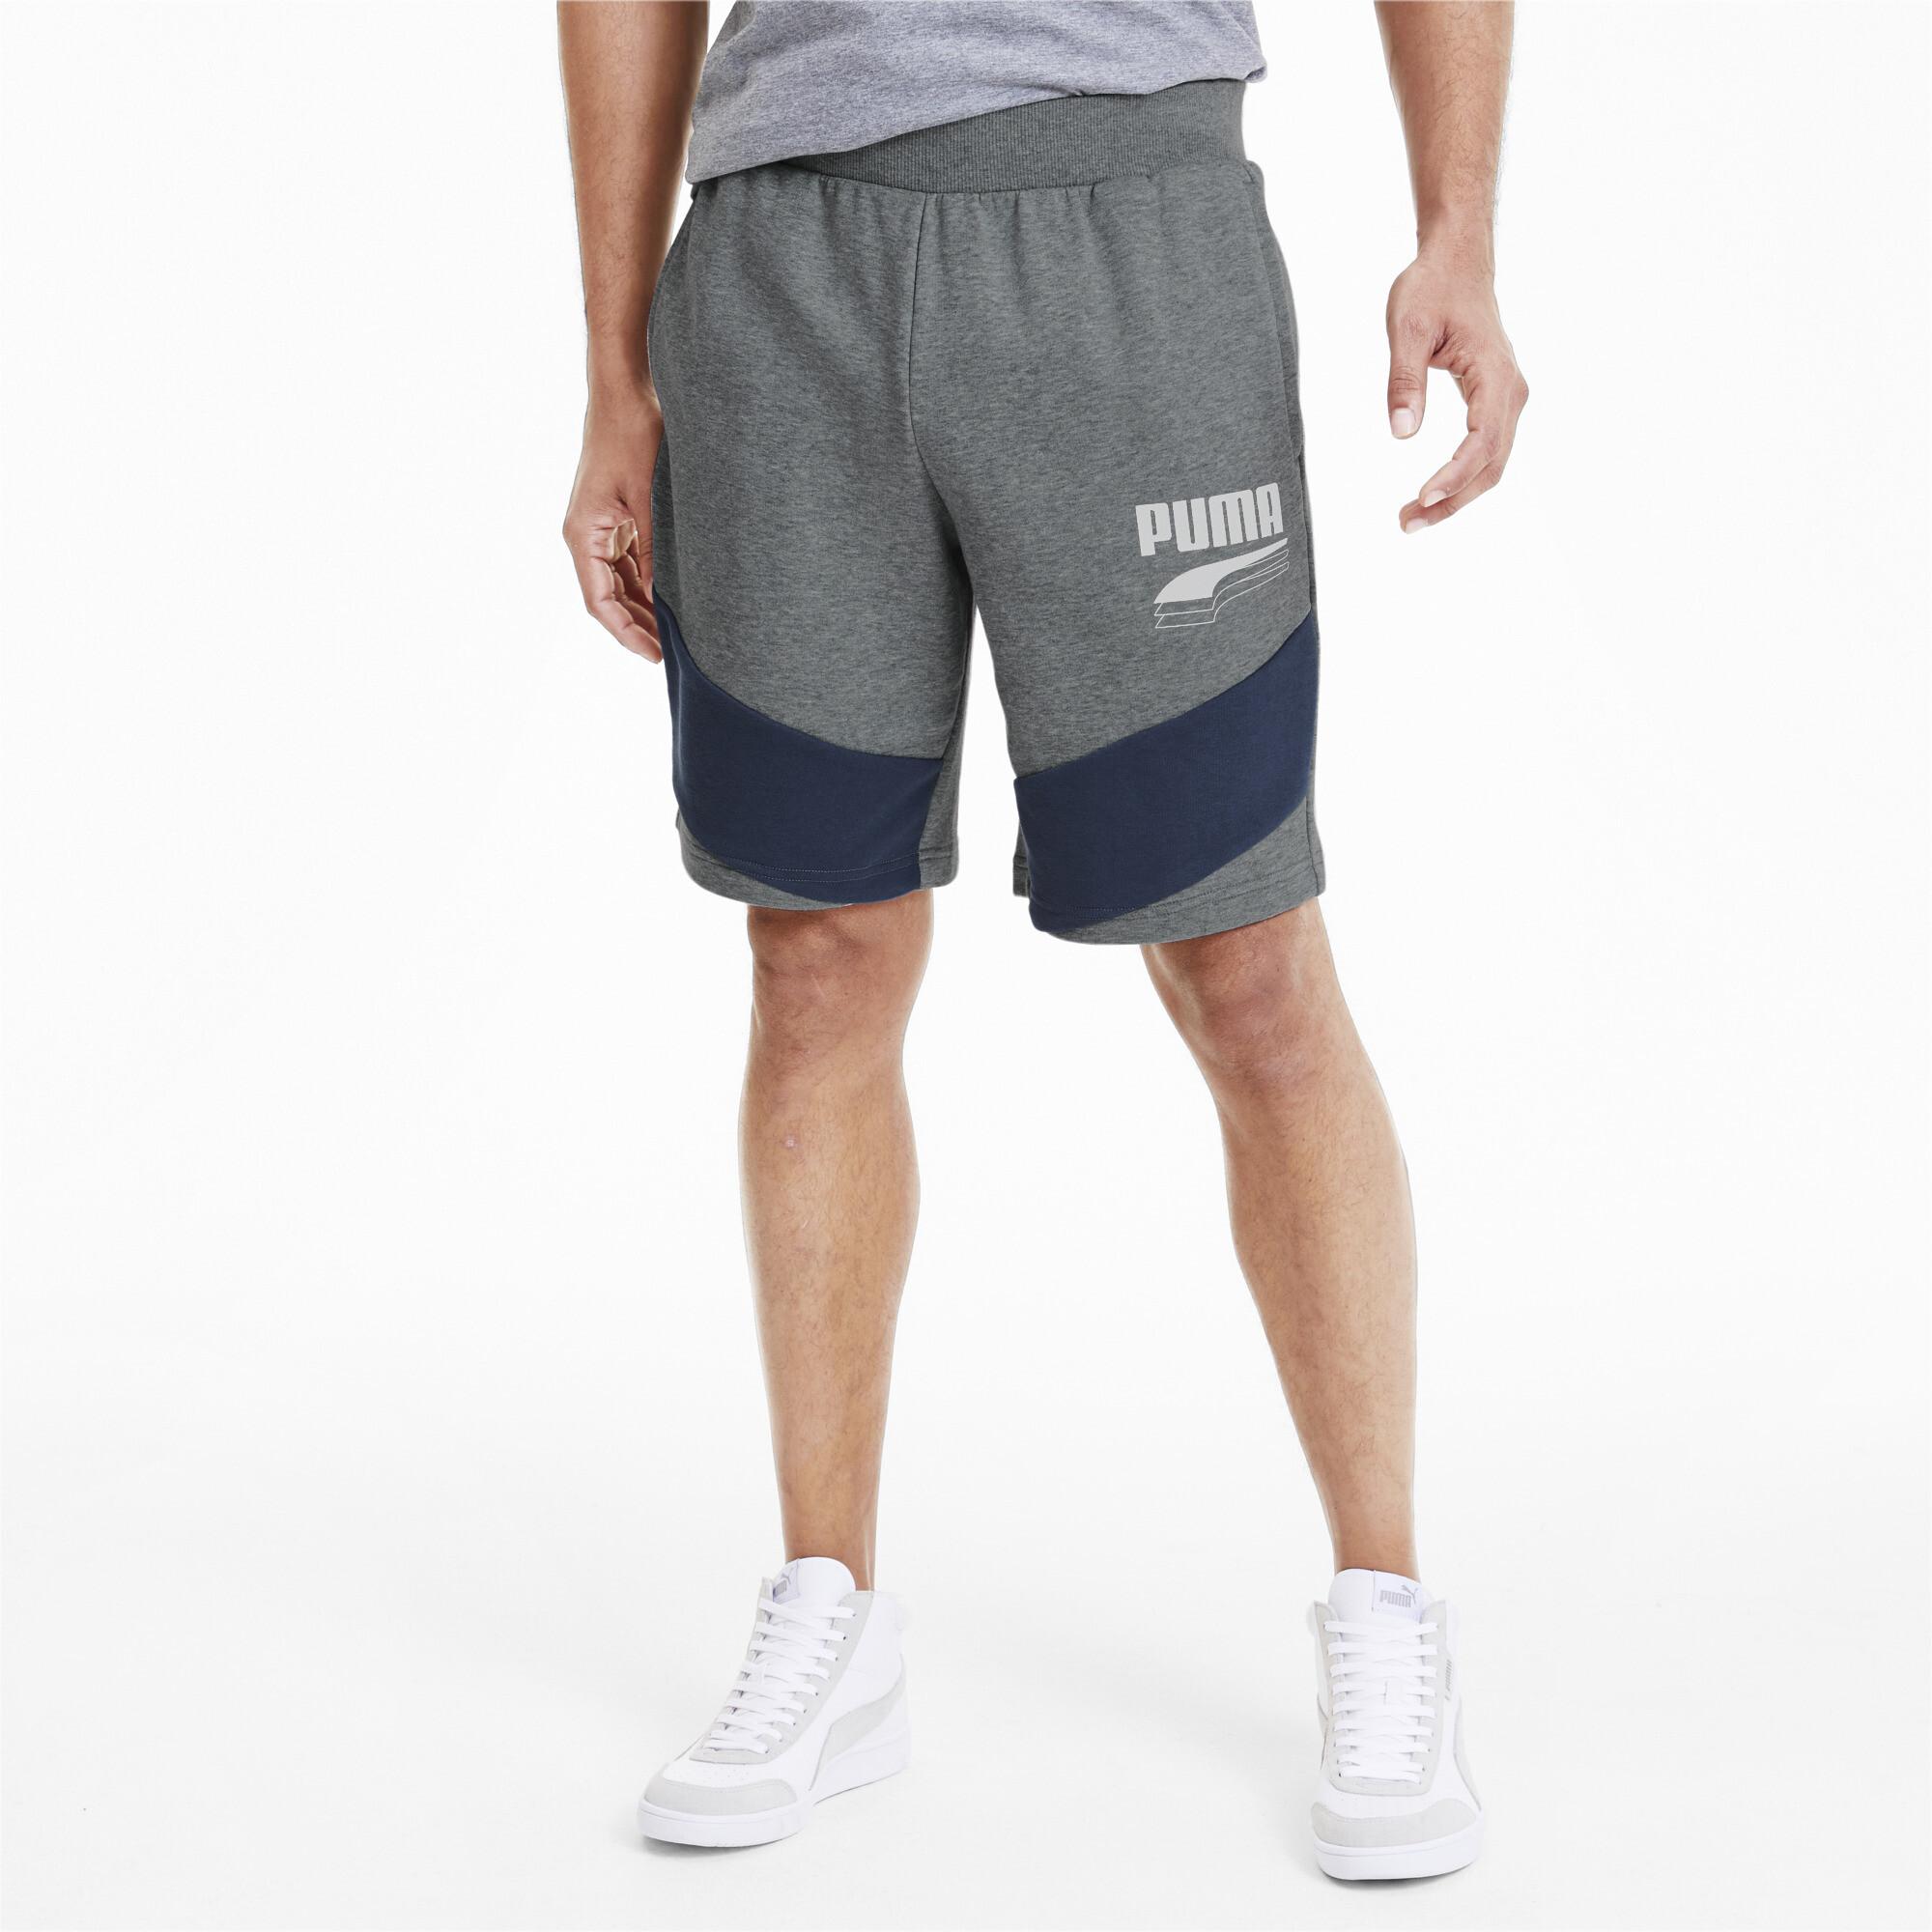 PUMA-Rebel-Block-Men-039-s-Shorts-Men-Knitted-Shorts-Basics thumbnail 9